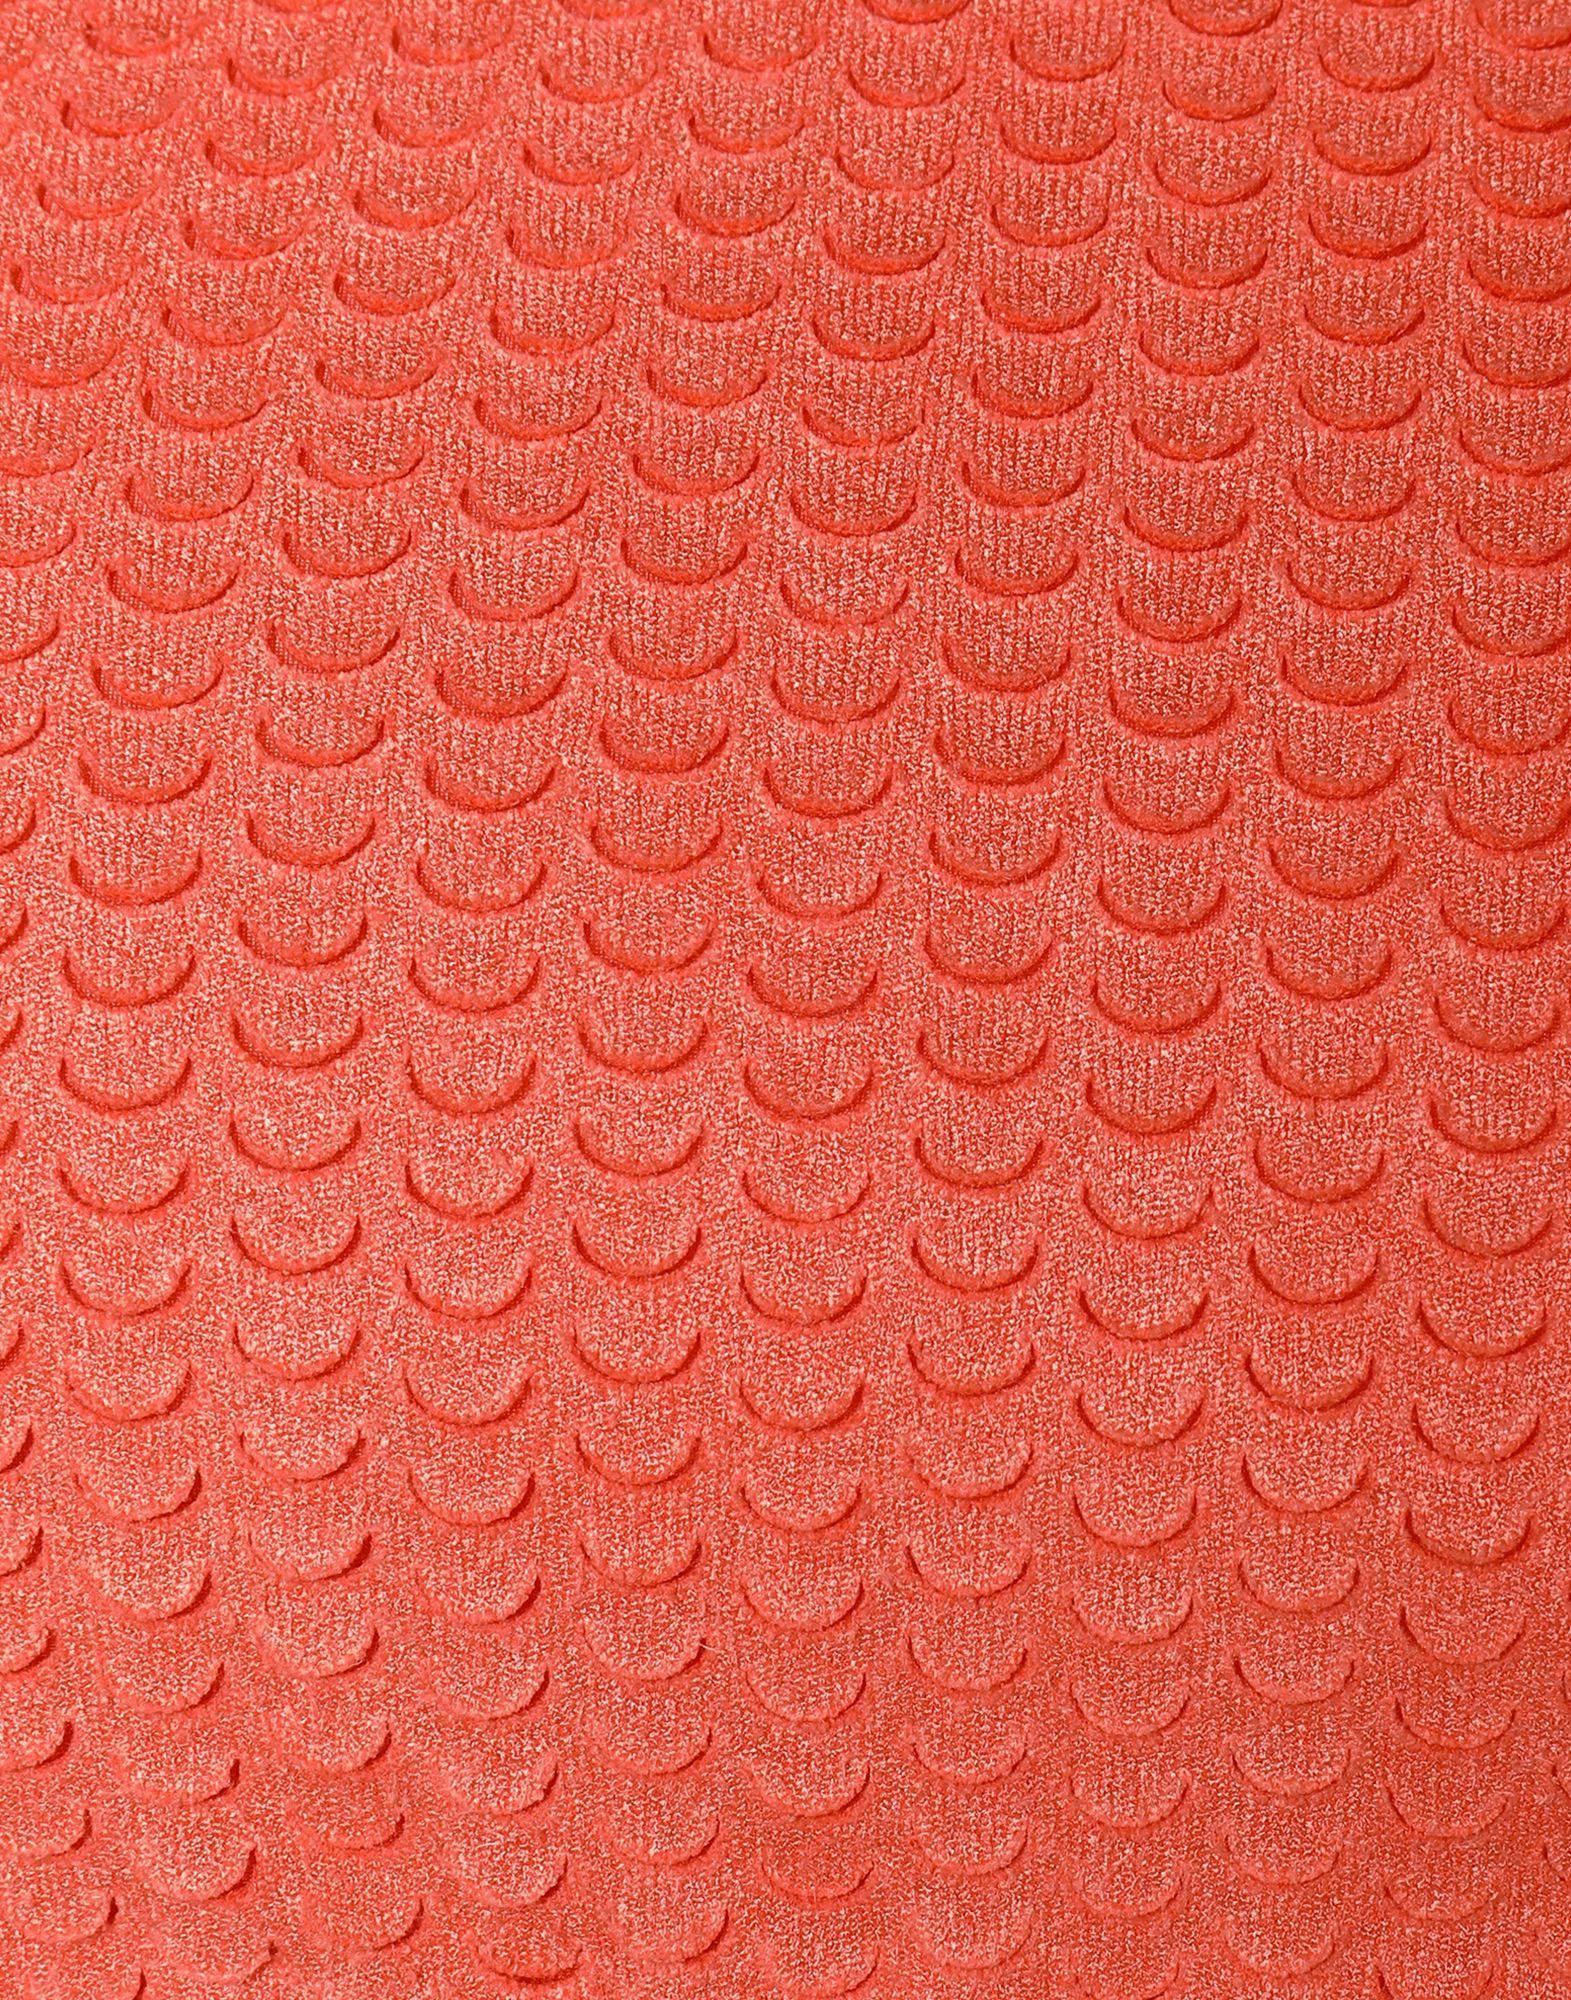 SWIMWEAR Vix Paula Hermanny Salmon pink Woman Polyester